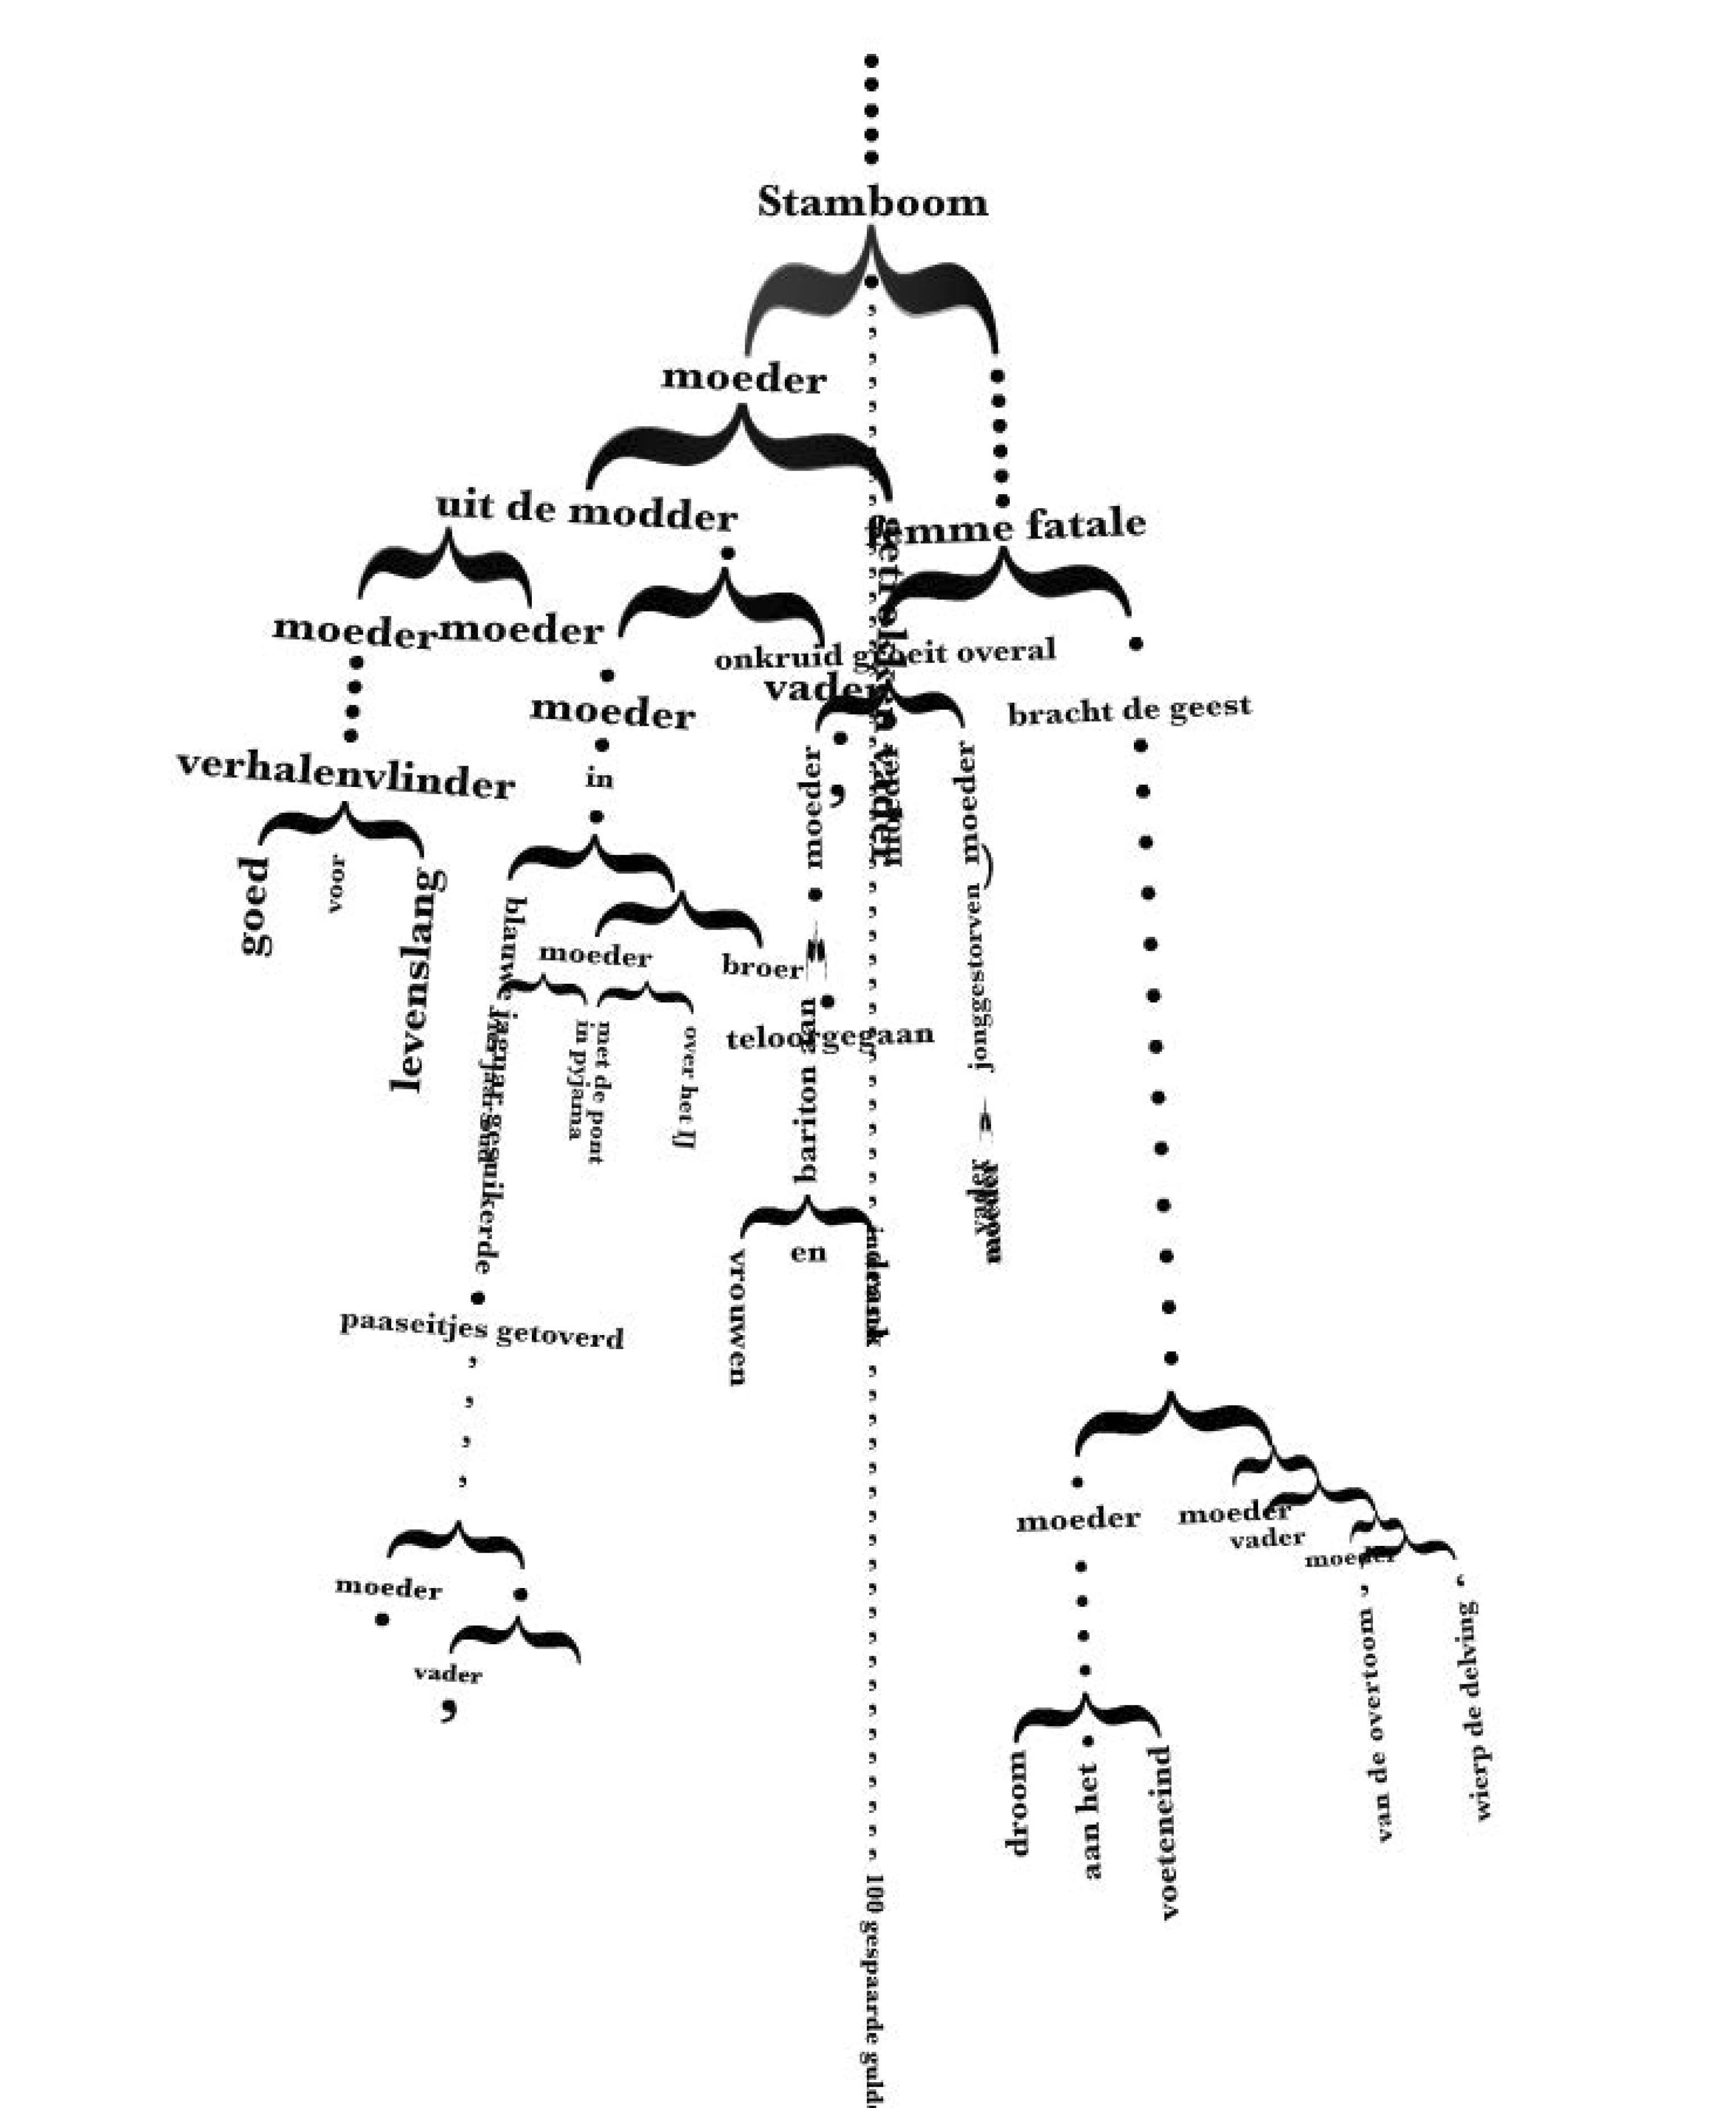 bridge of babel (2009) – lezinggeluksbrenger online (2010) – tentoonstelling